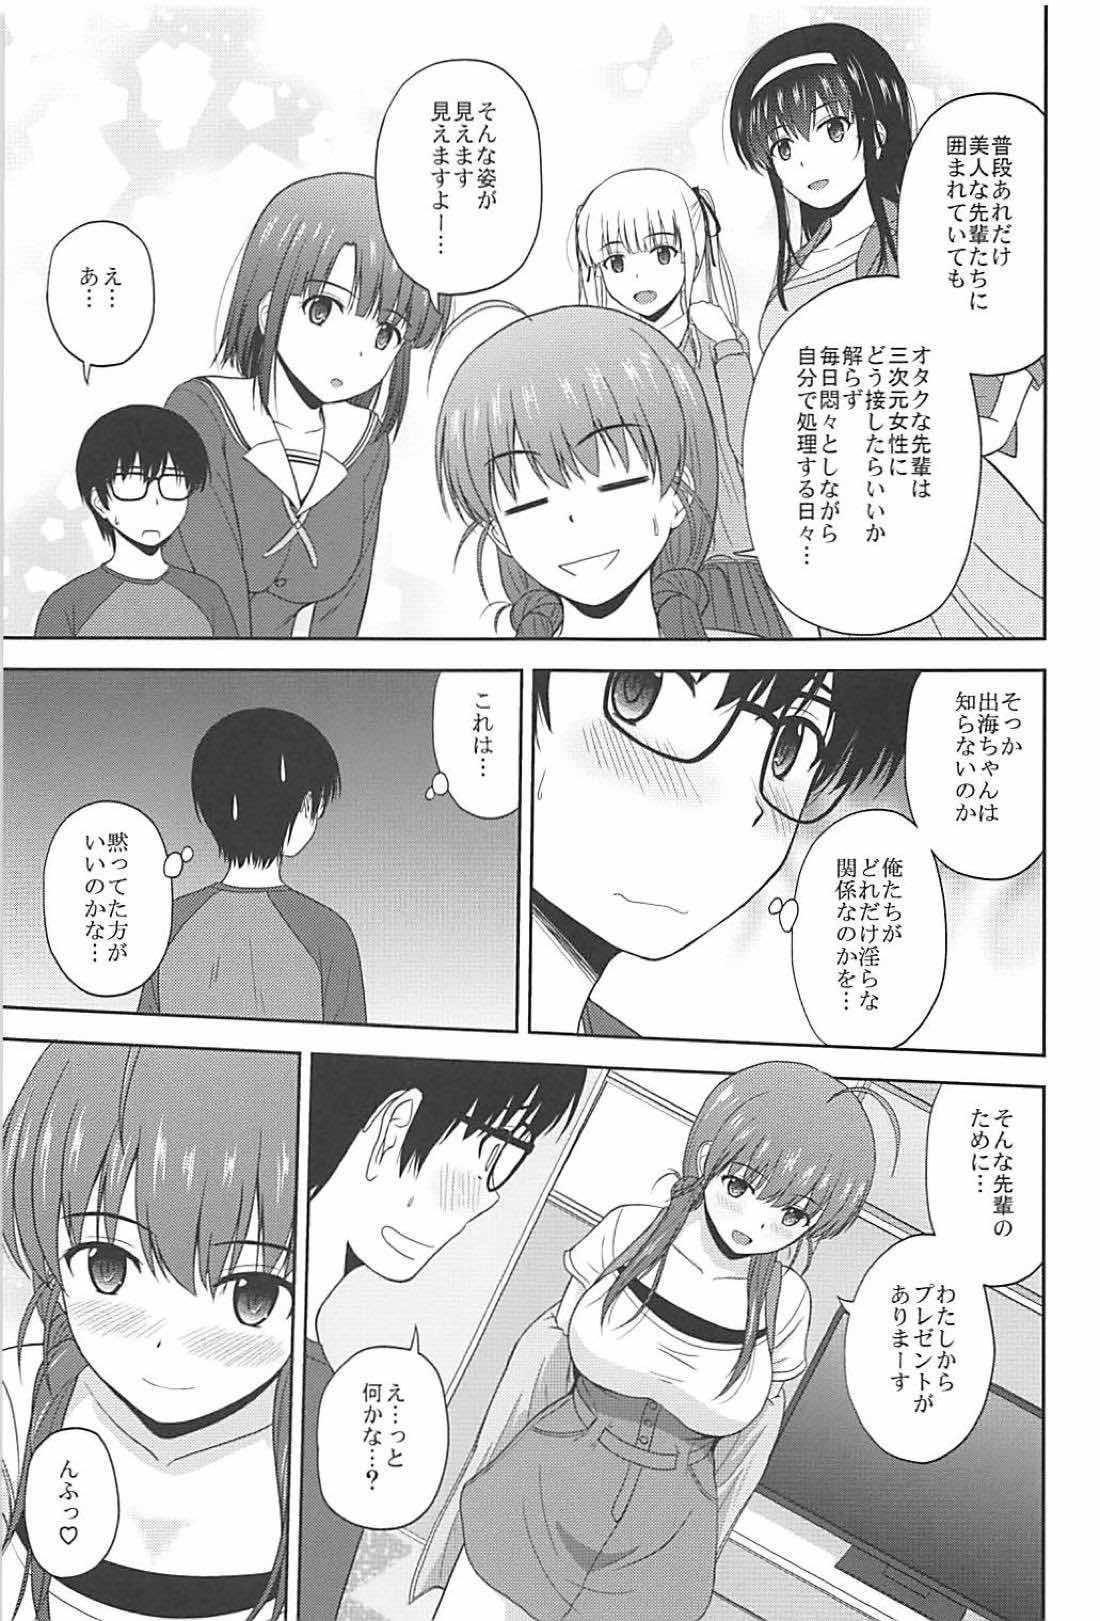 Shinsei Saenai Kanojo-tachi no Rinri Shinsakai 3